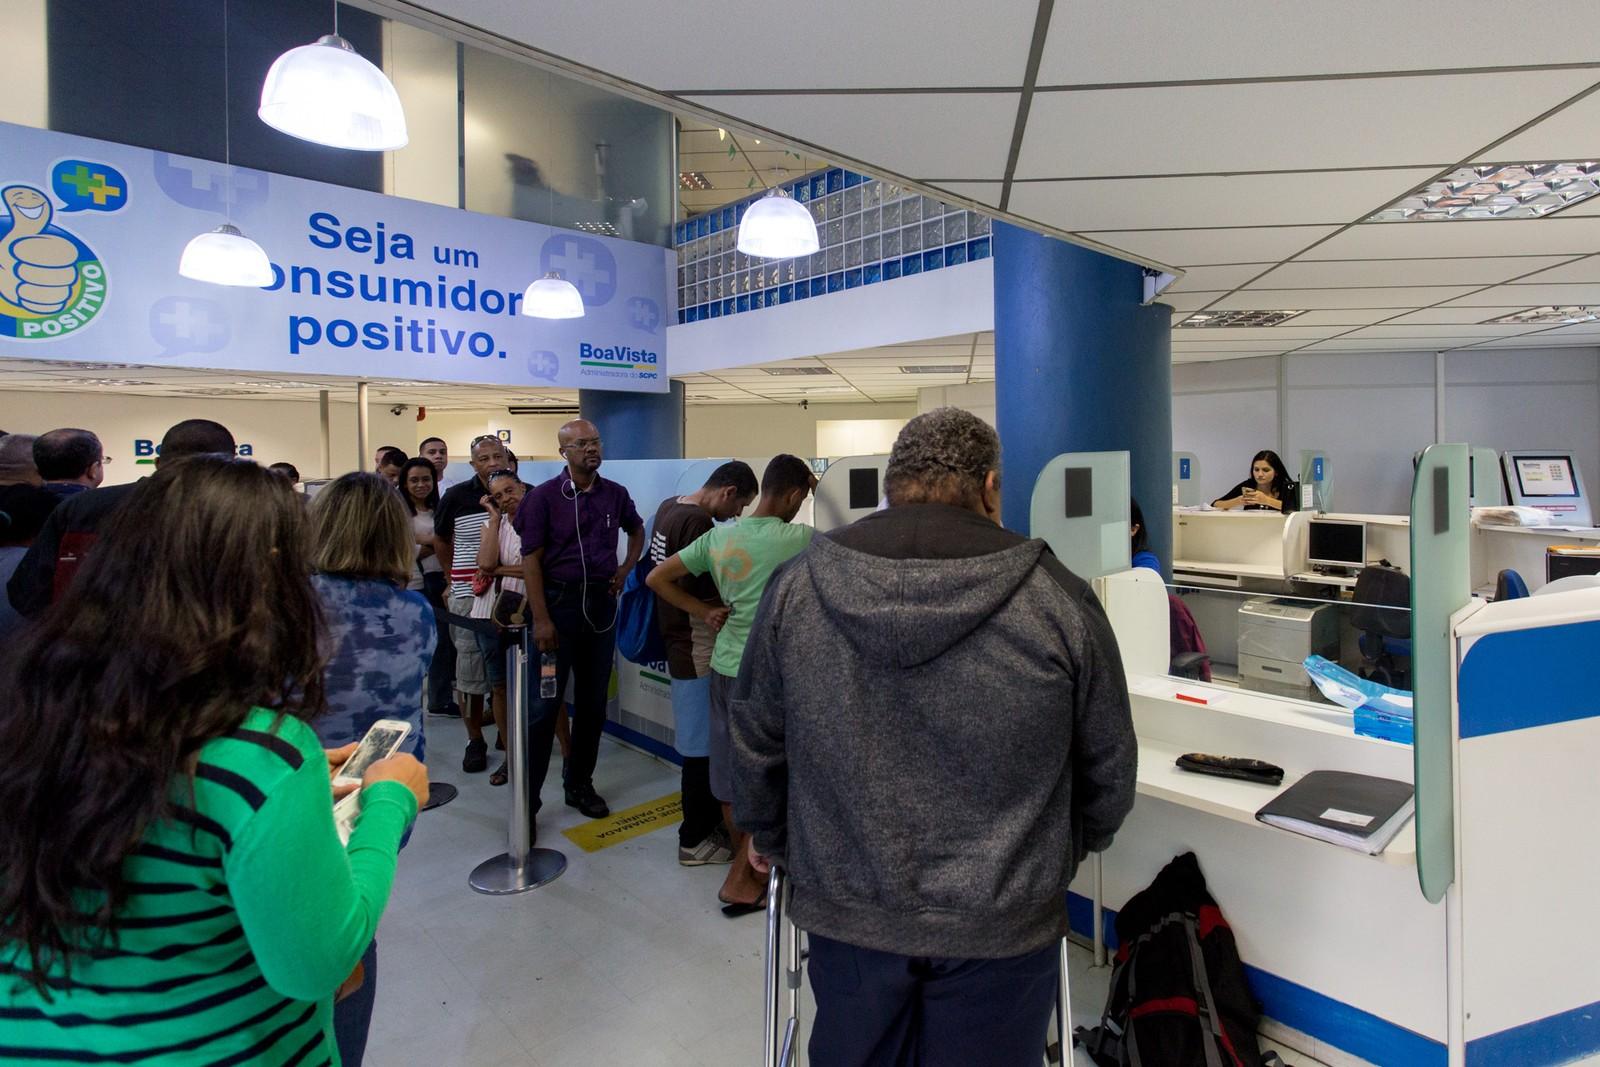 Mercado de trabalho não reage e 13% dos brasileiros queimam poupança em gastos do dia a dia